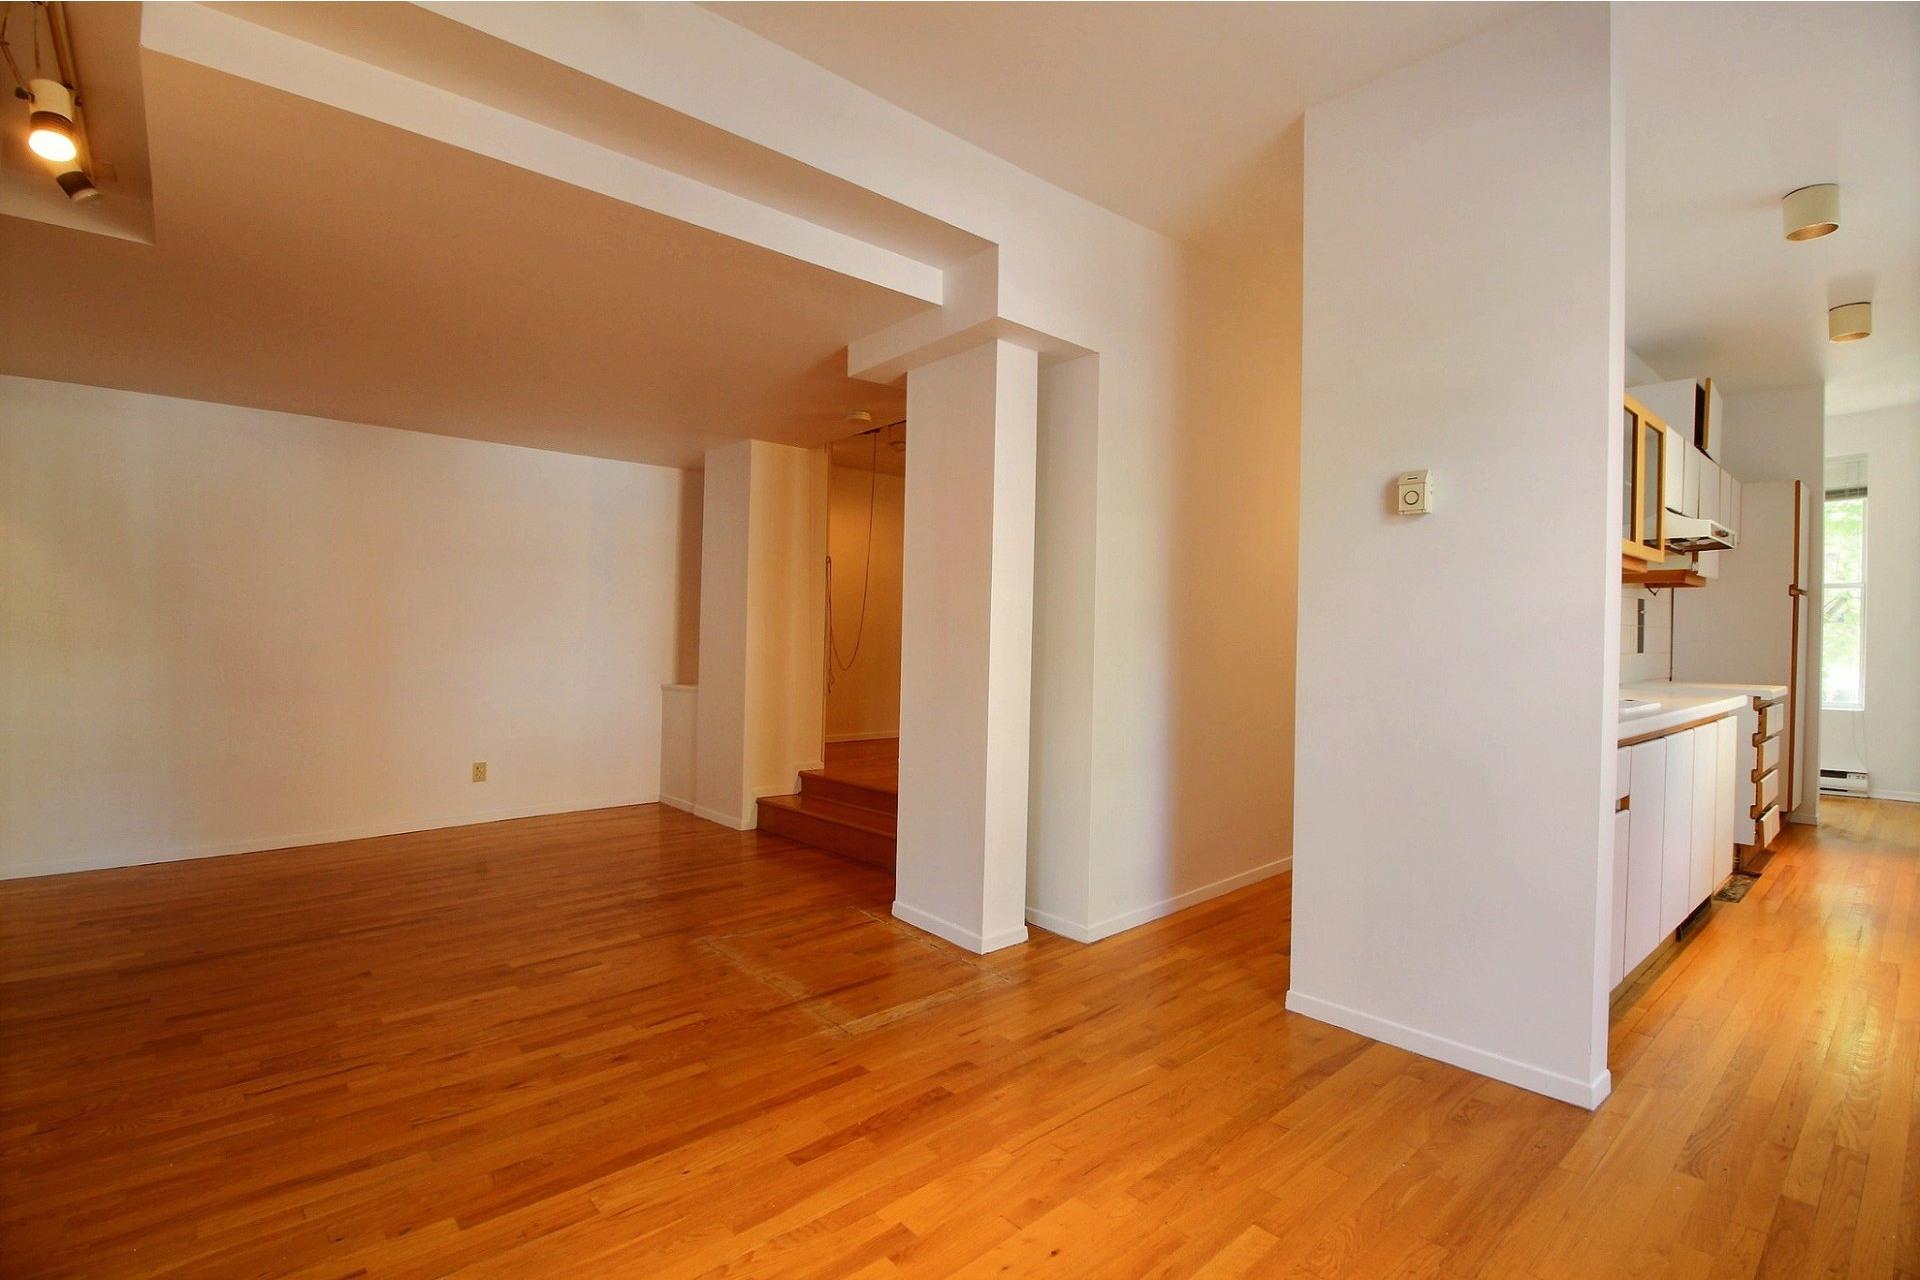 image 5 - Appartement À vendre Le Plateau-Mont-Royal Montréal  - 5 pièces